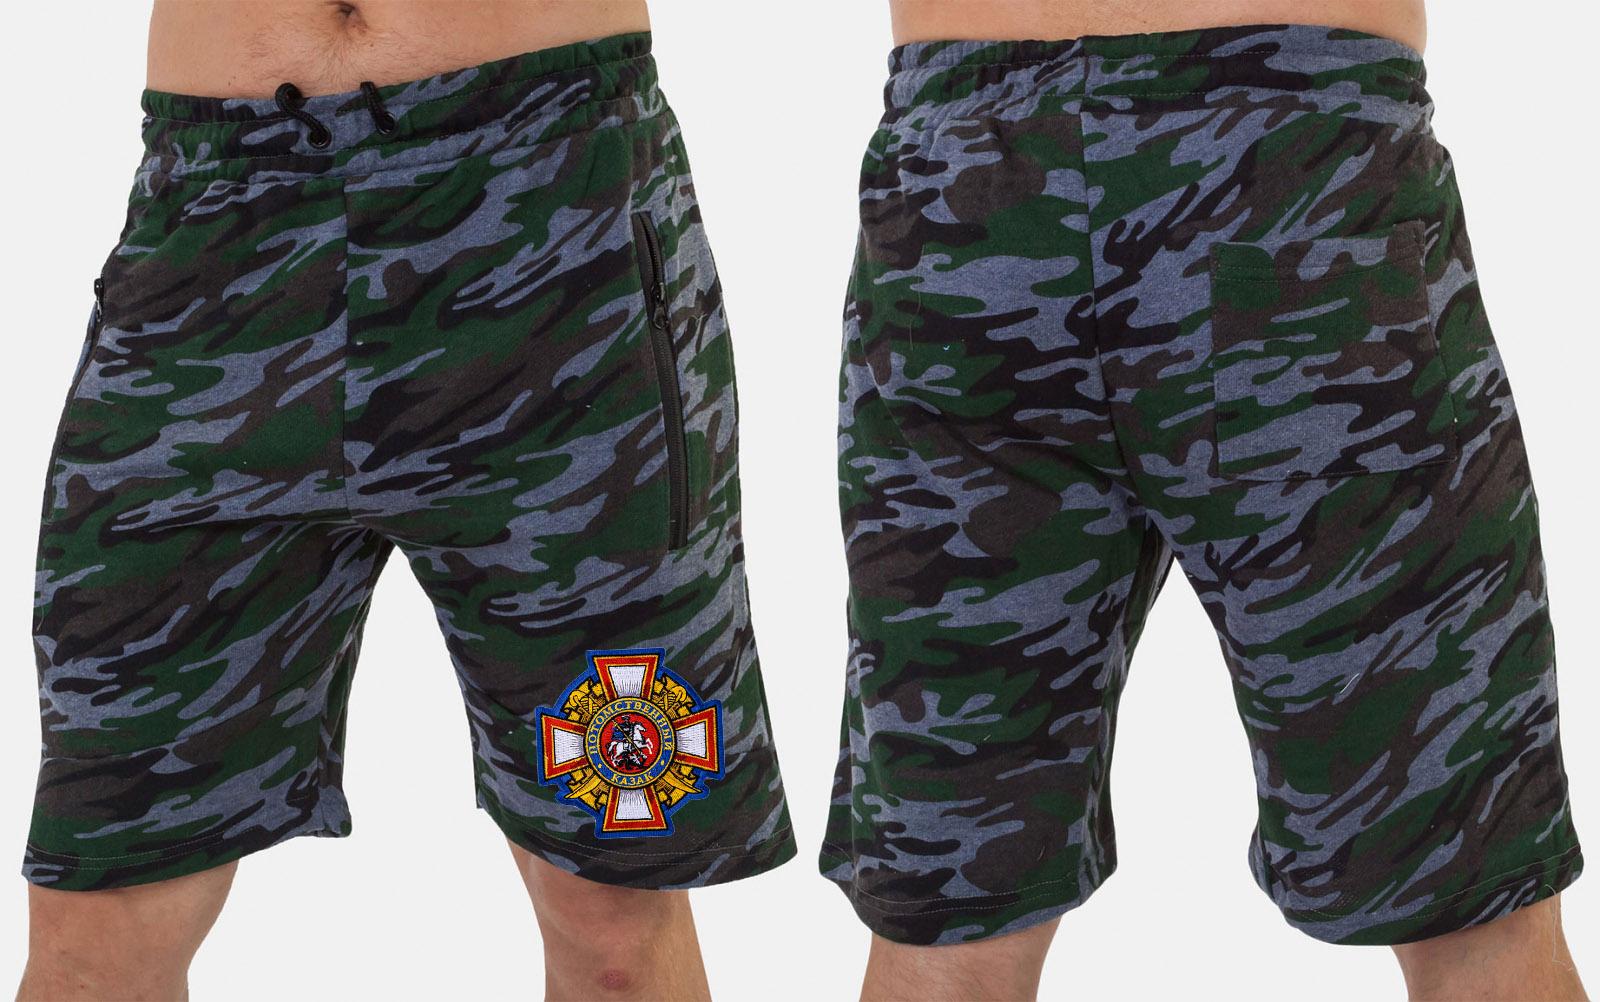 Мужские хлопковые шорты с нашивкой с нашивкой Потомственный казак купить с доставкой